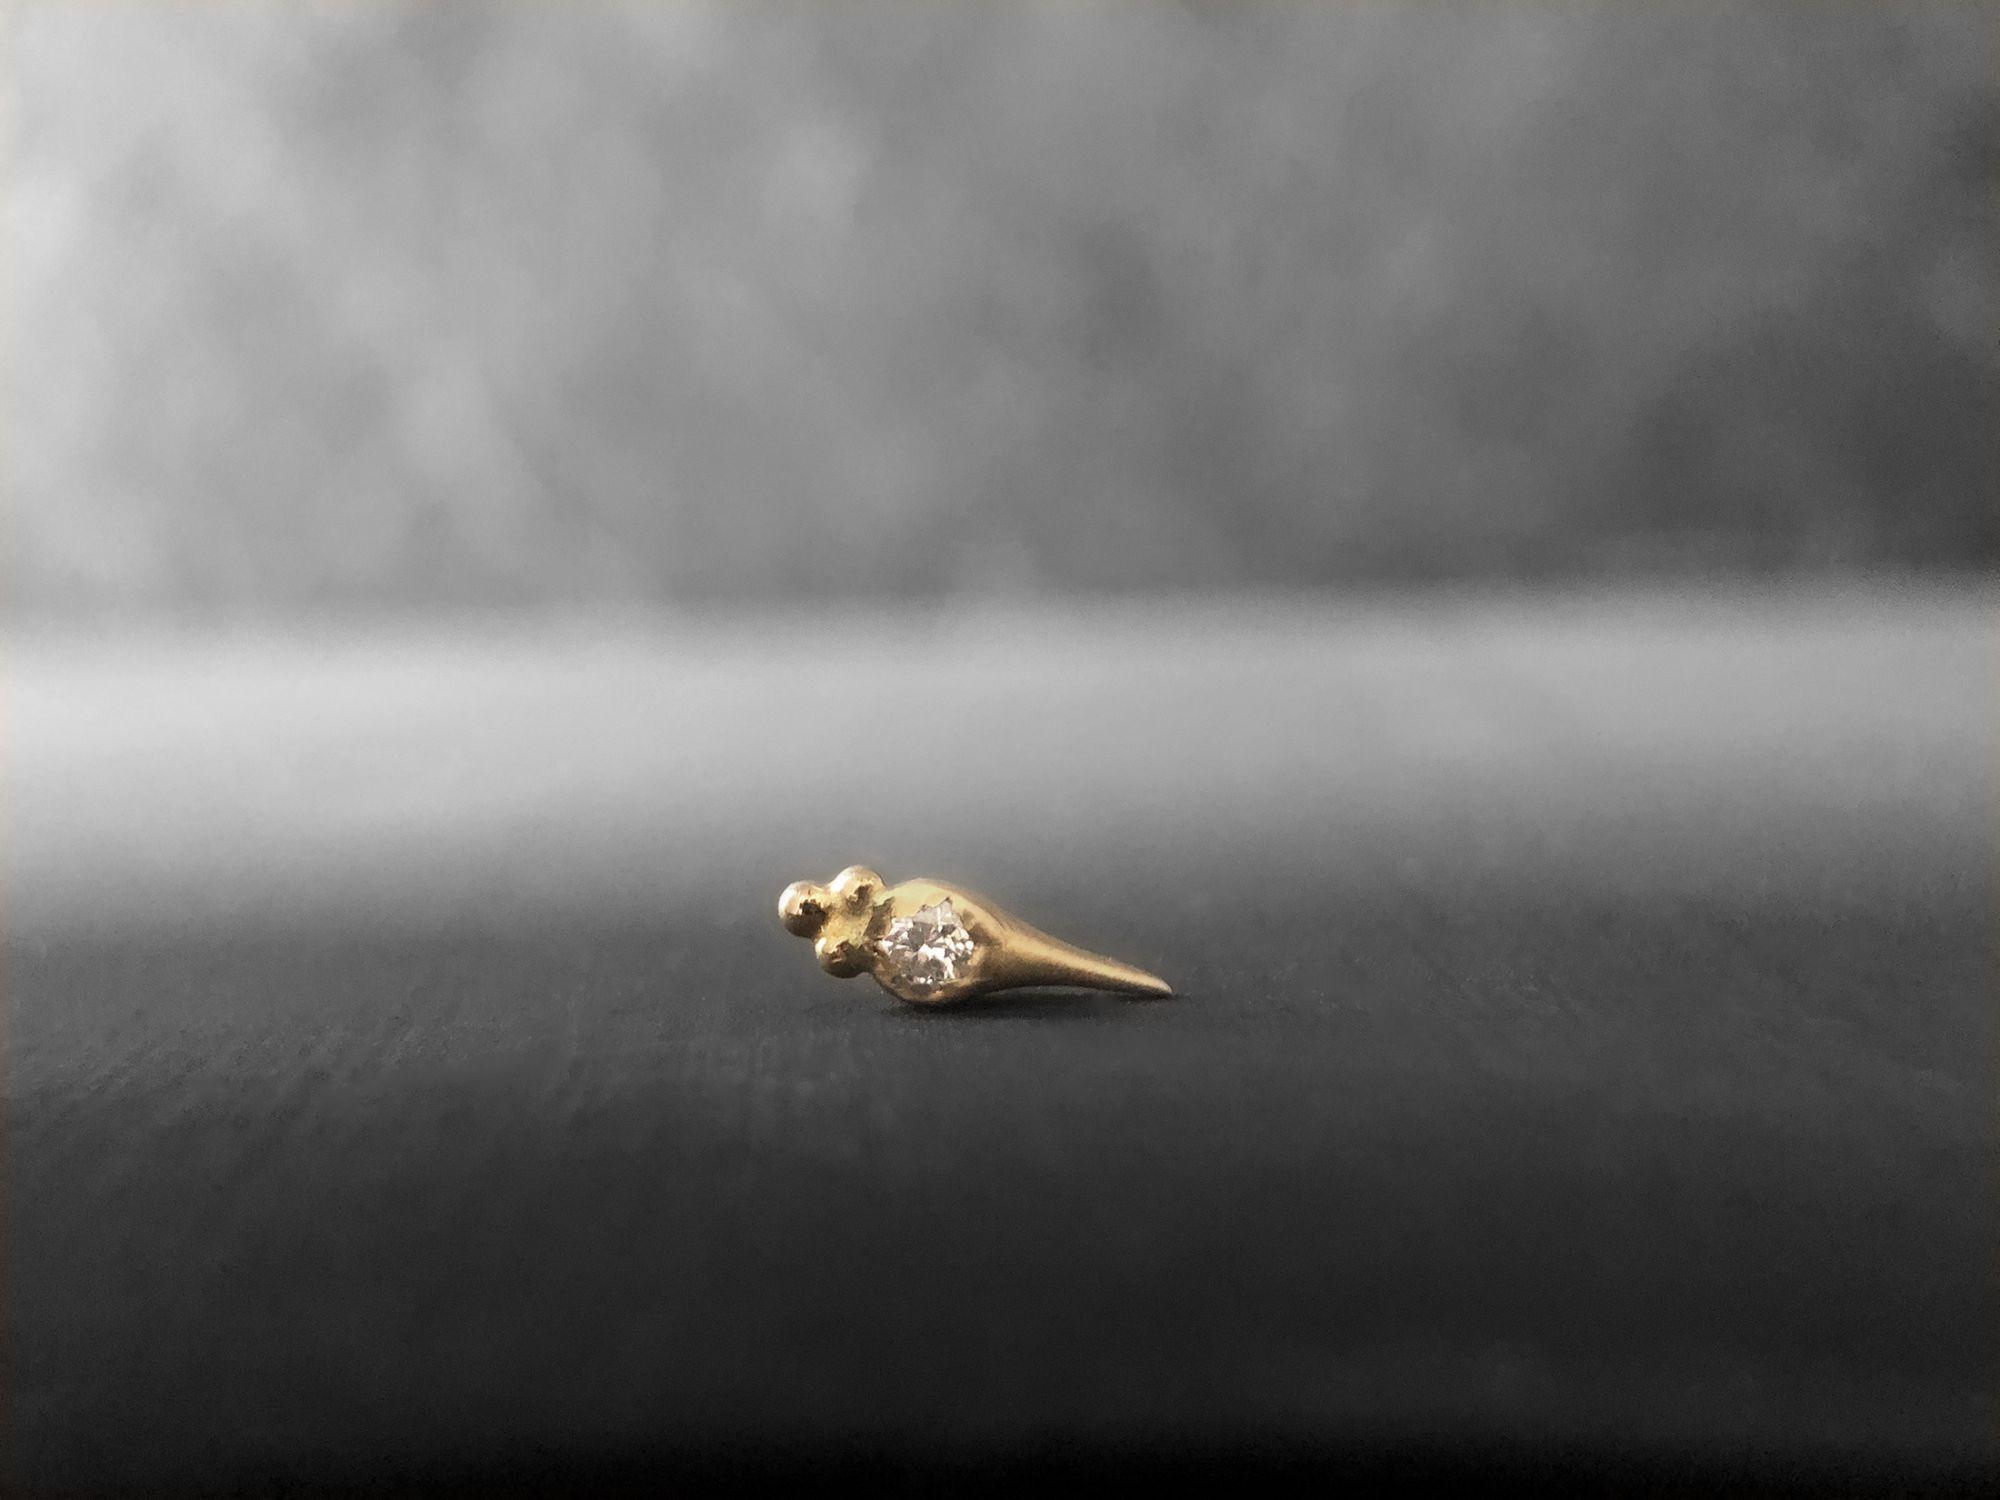 Round Sword diamond stud earring by Emmanuelle Zysman